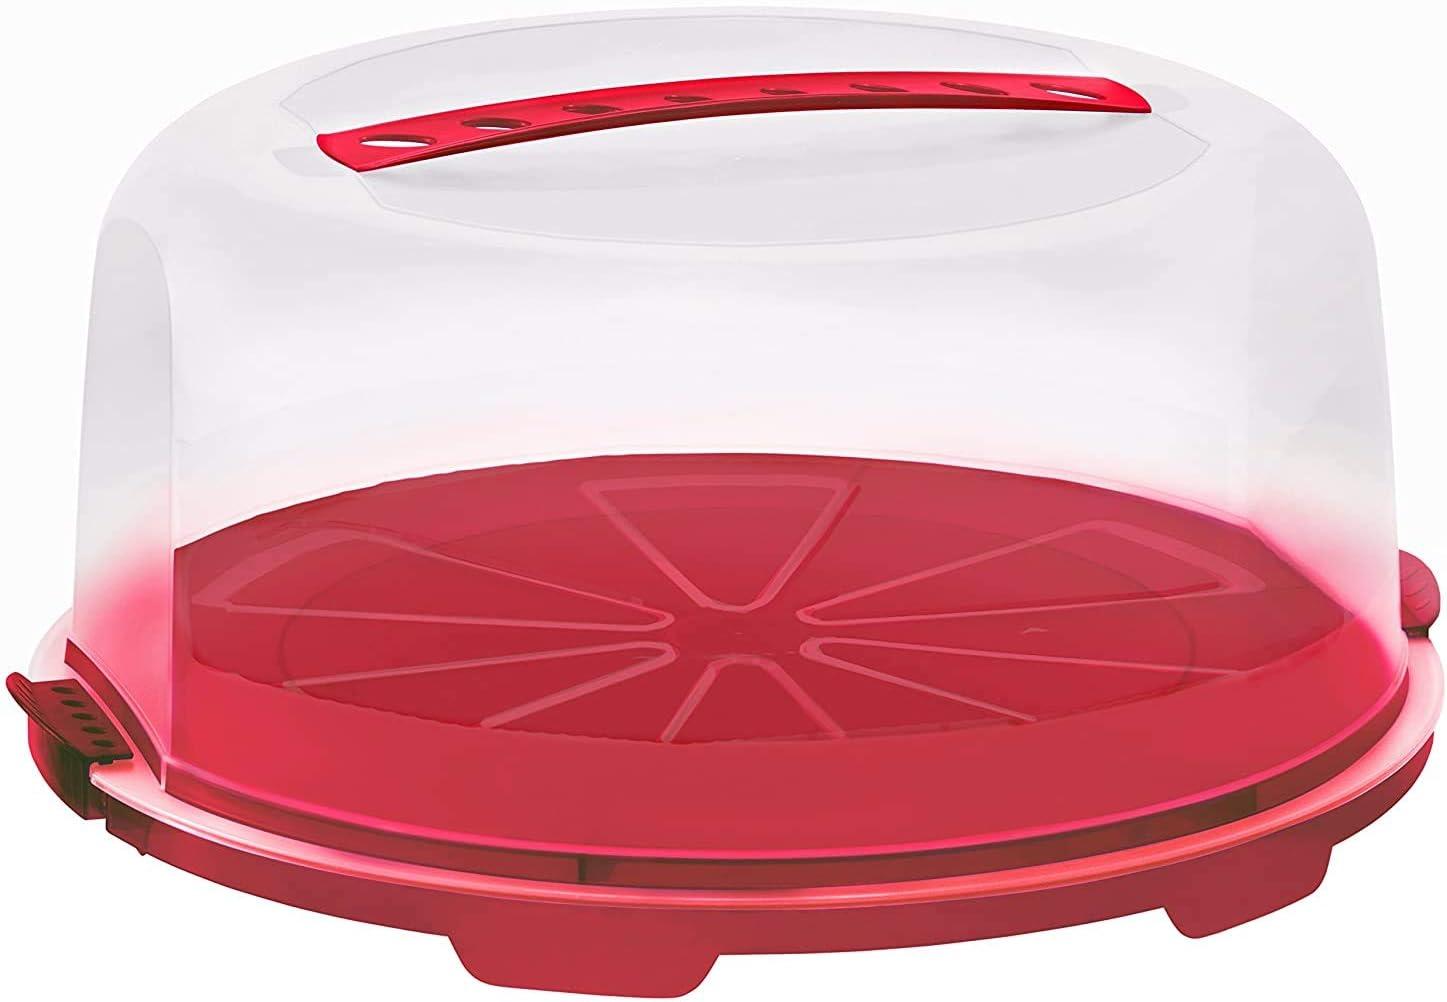 Rotho Fresh, campana de alta torta con capucha y asa de transporte, Plástico PP sin BPA, rojo, transparente, 35.5 x 34.5 x 16.5 cm